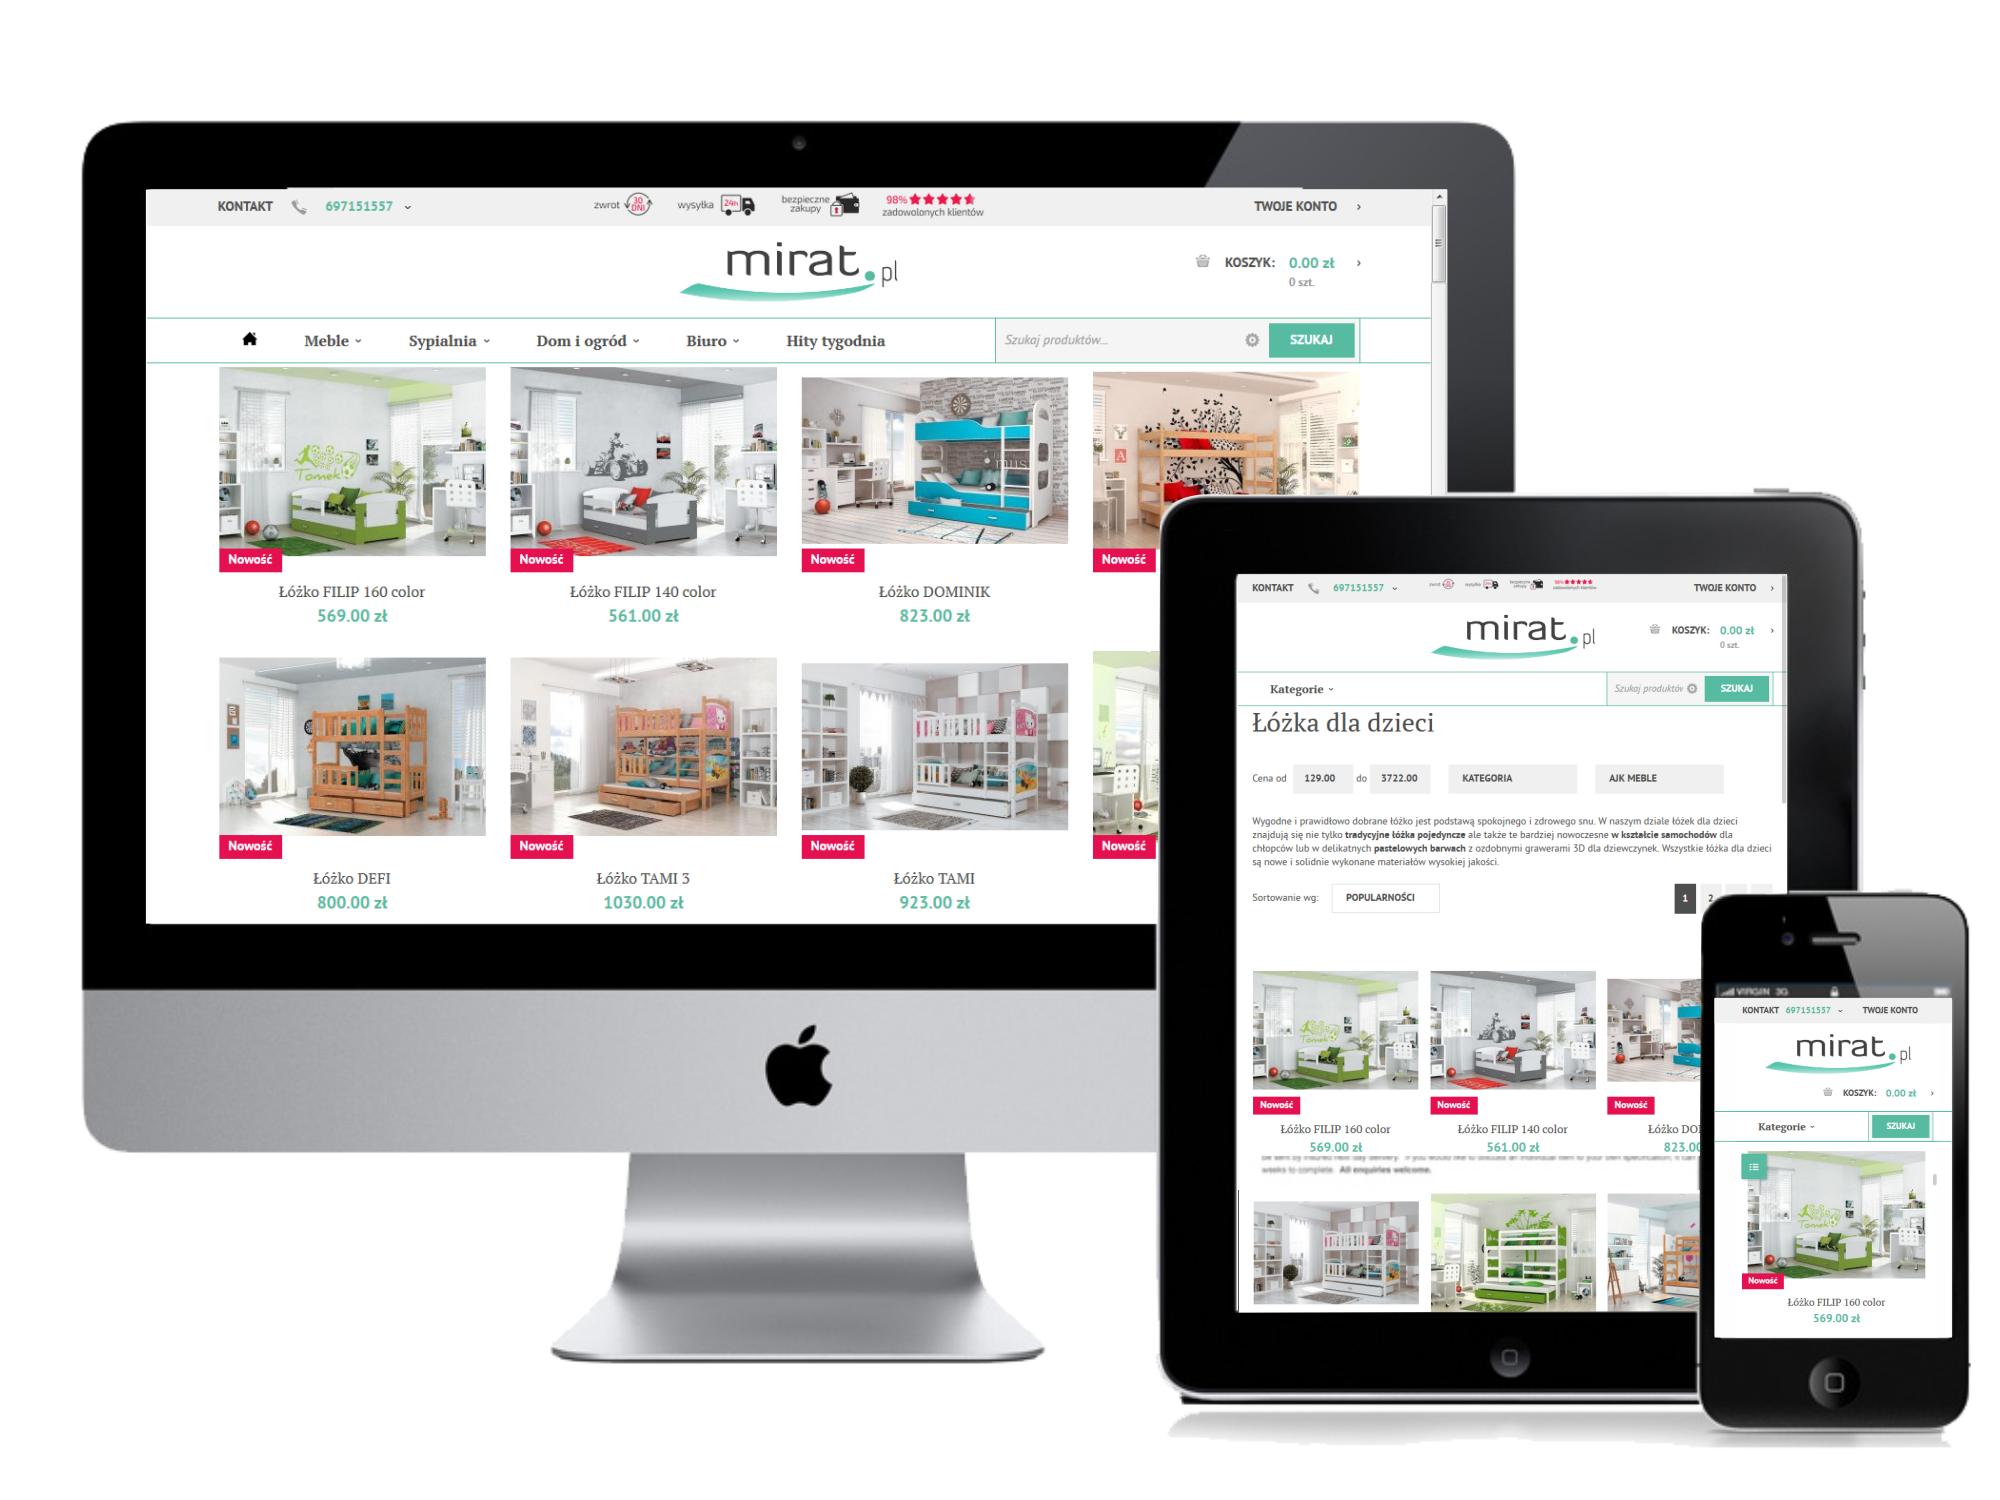 Mirat.pl - łatwe zakupy w internecie